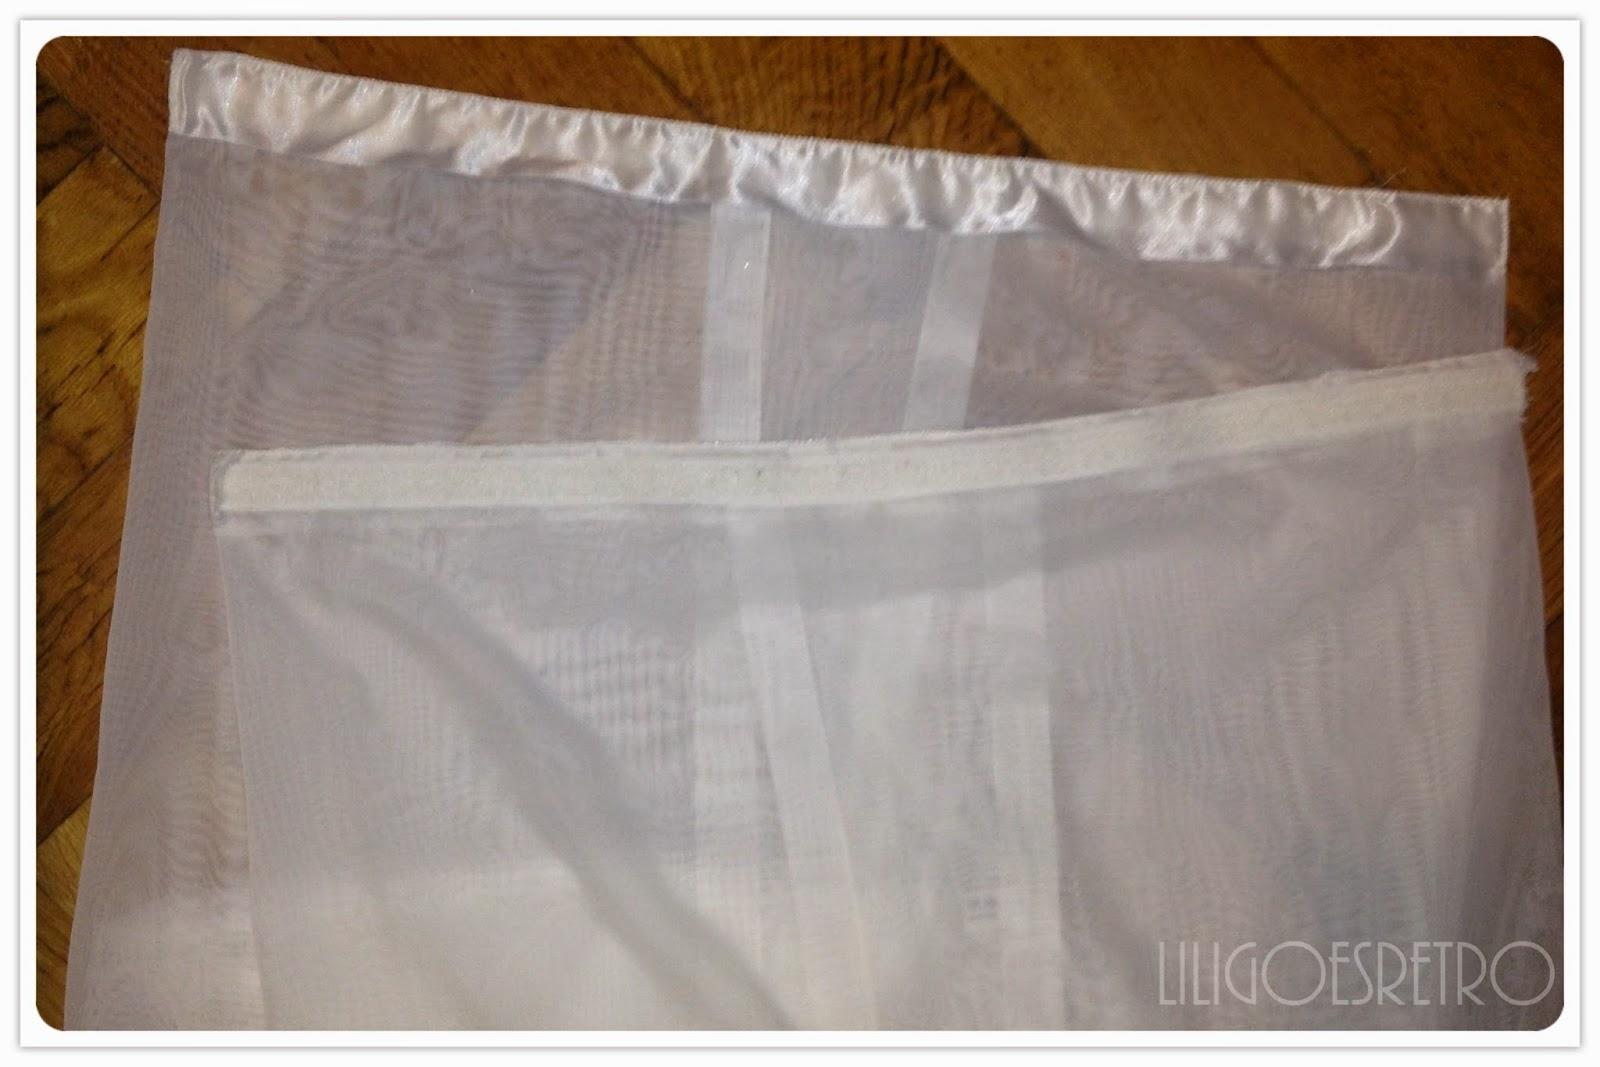 lili goes retro vorh nge f r den kleiderschrank. Black Bedroom Furniture Sets. Home Design Ideas